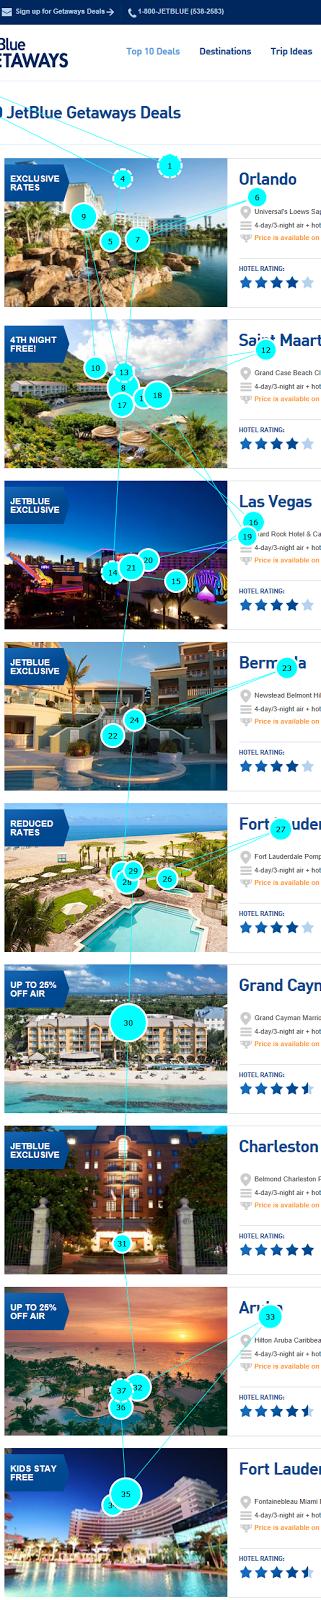 Схема направлений взгляда для задачи «Какое место для отпуска кажется вам наиболее привлекательным?».